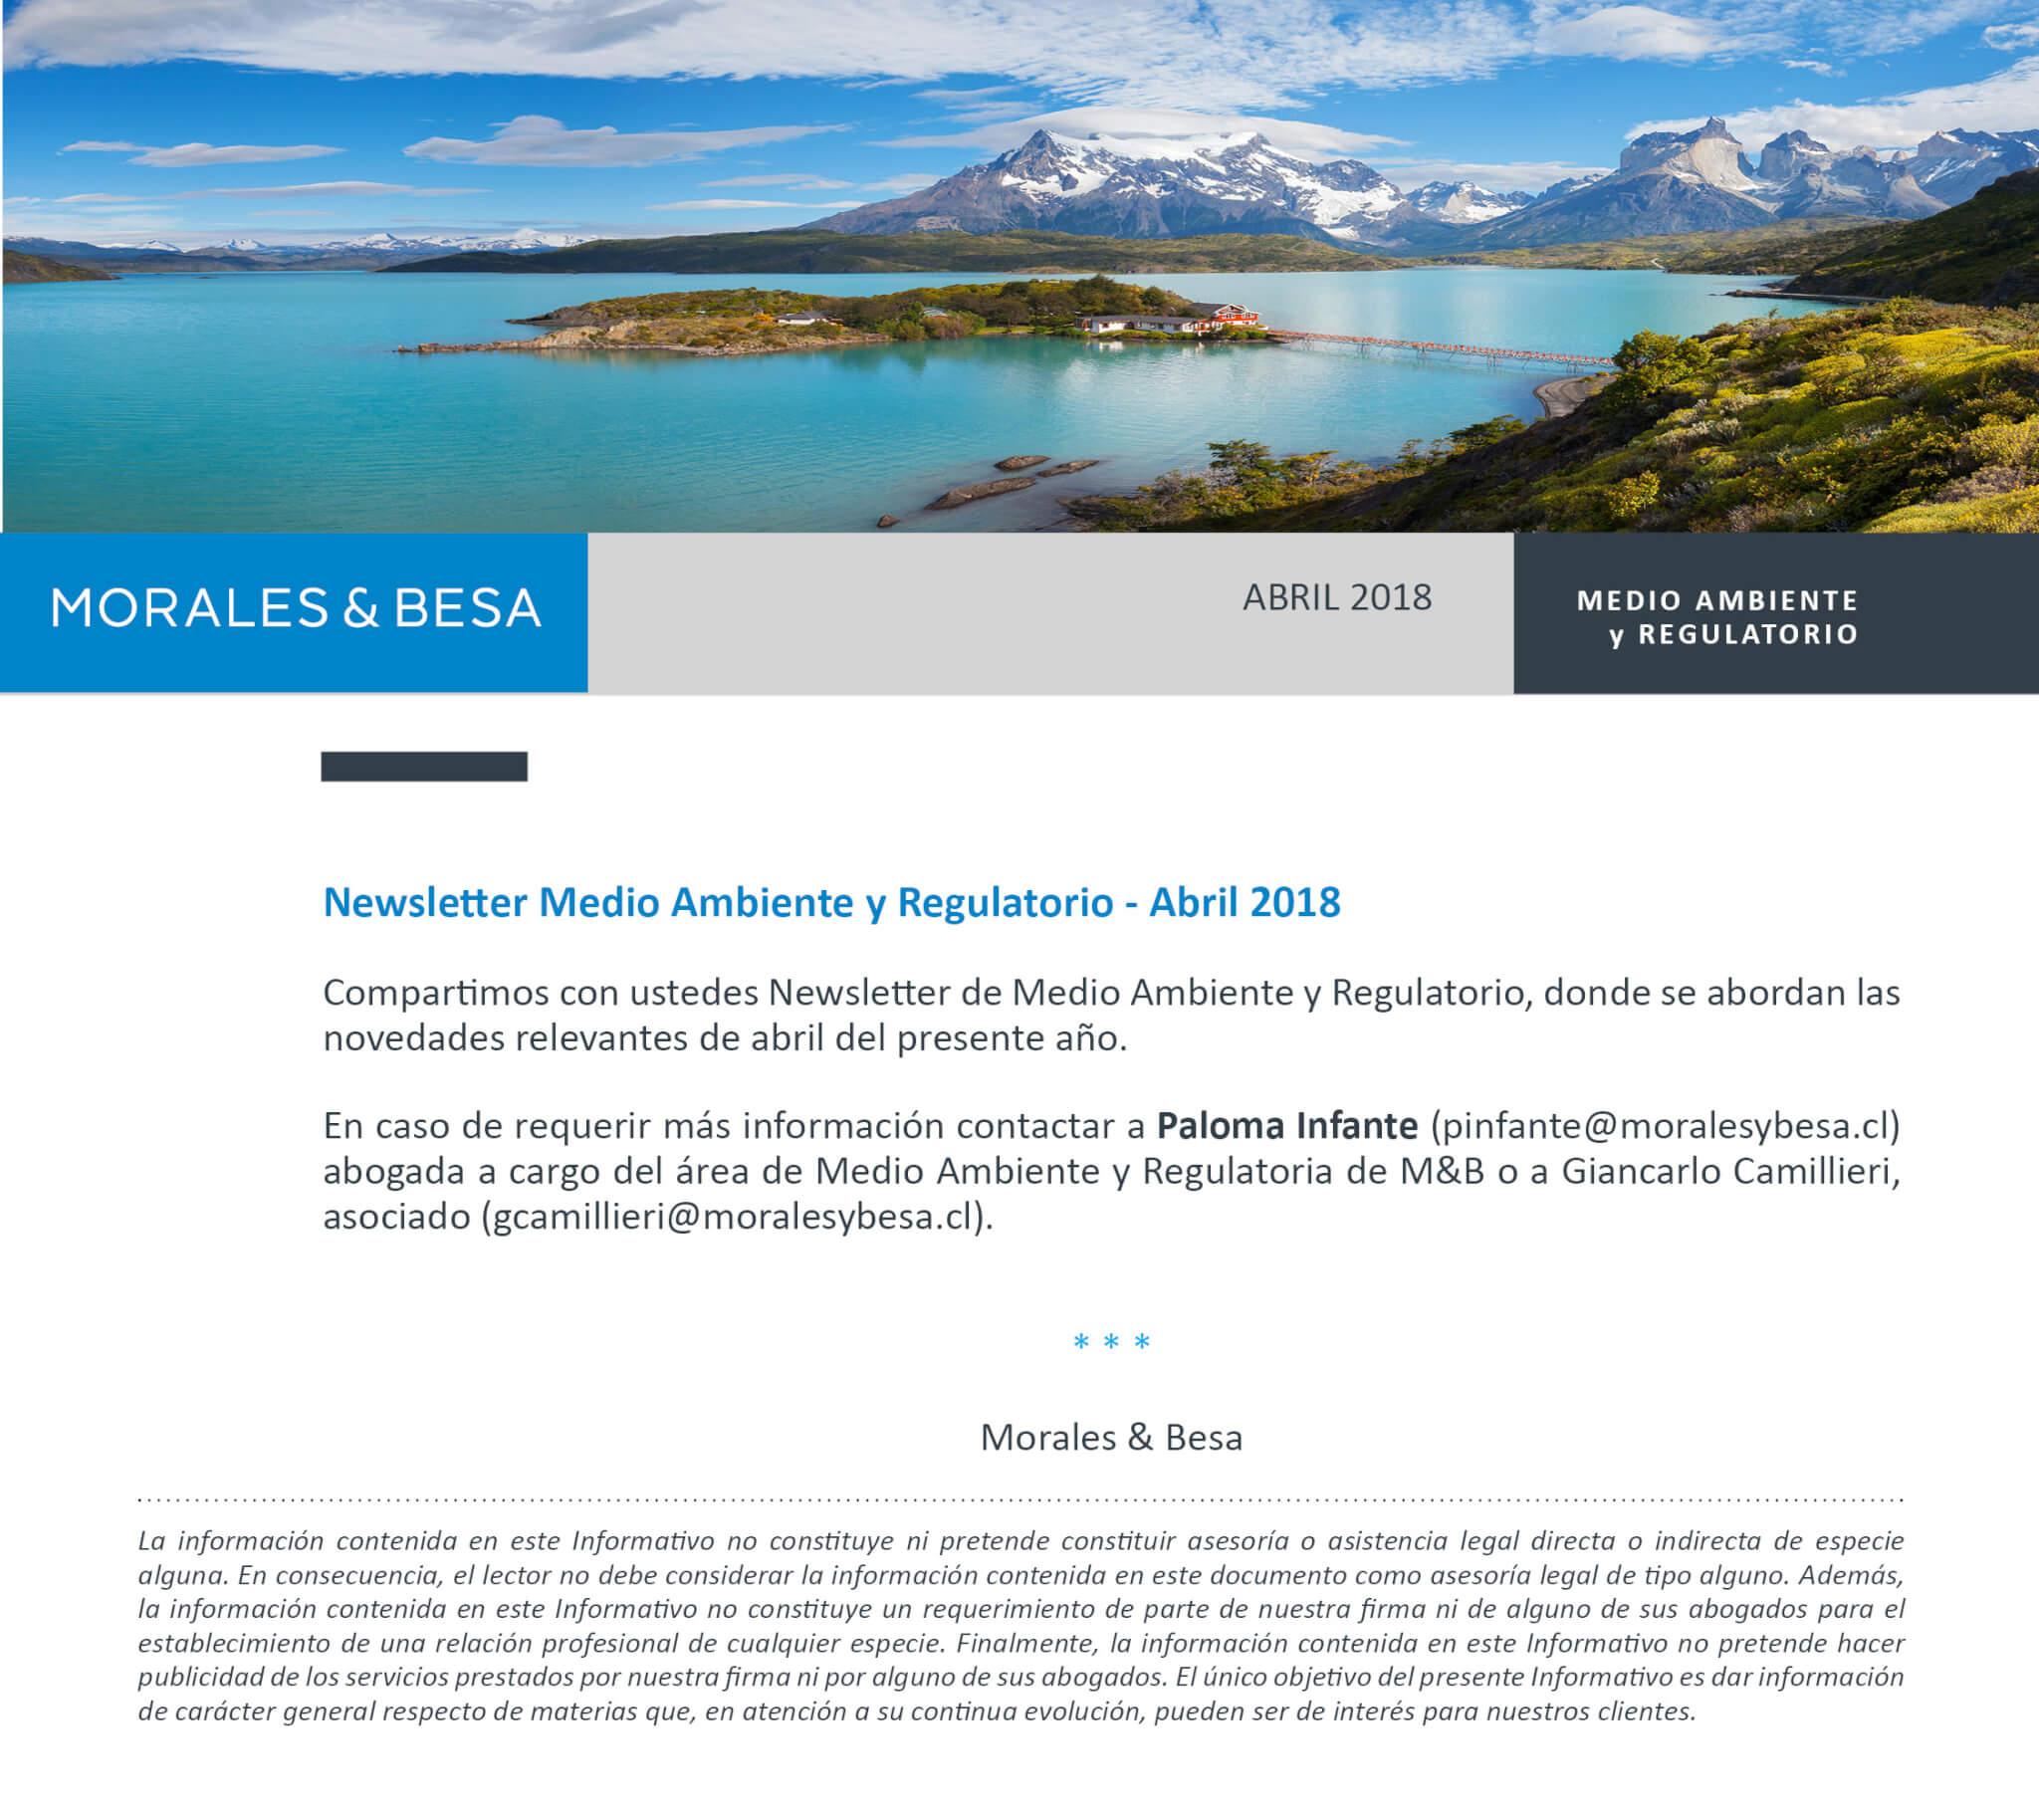 Morales & Besa_presentación de Newsletter Medio Ambiente Abril 2018